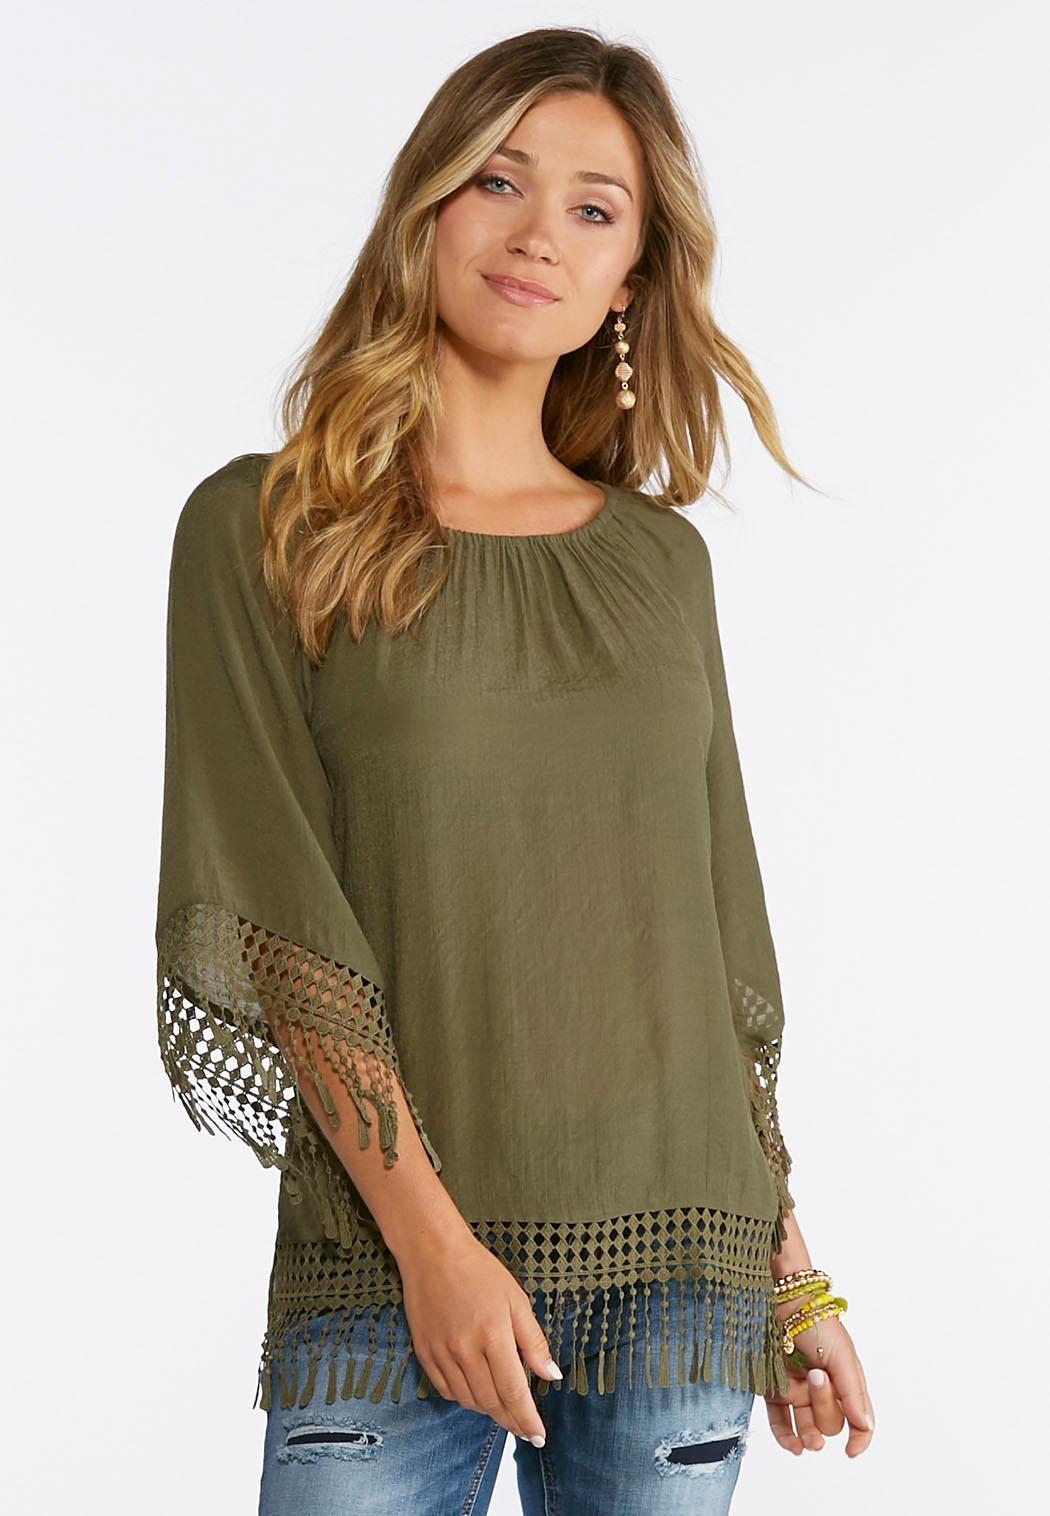 0289edd38ca Crochet Fringe Trim Top Tops Cato Fashions